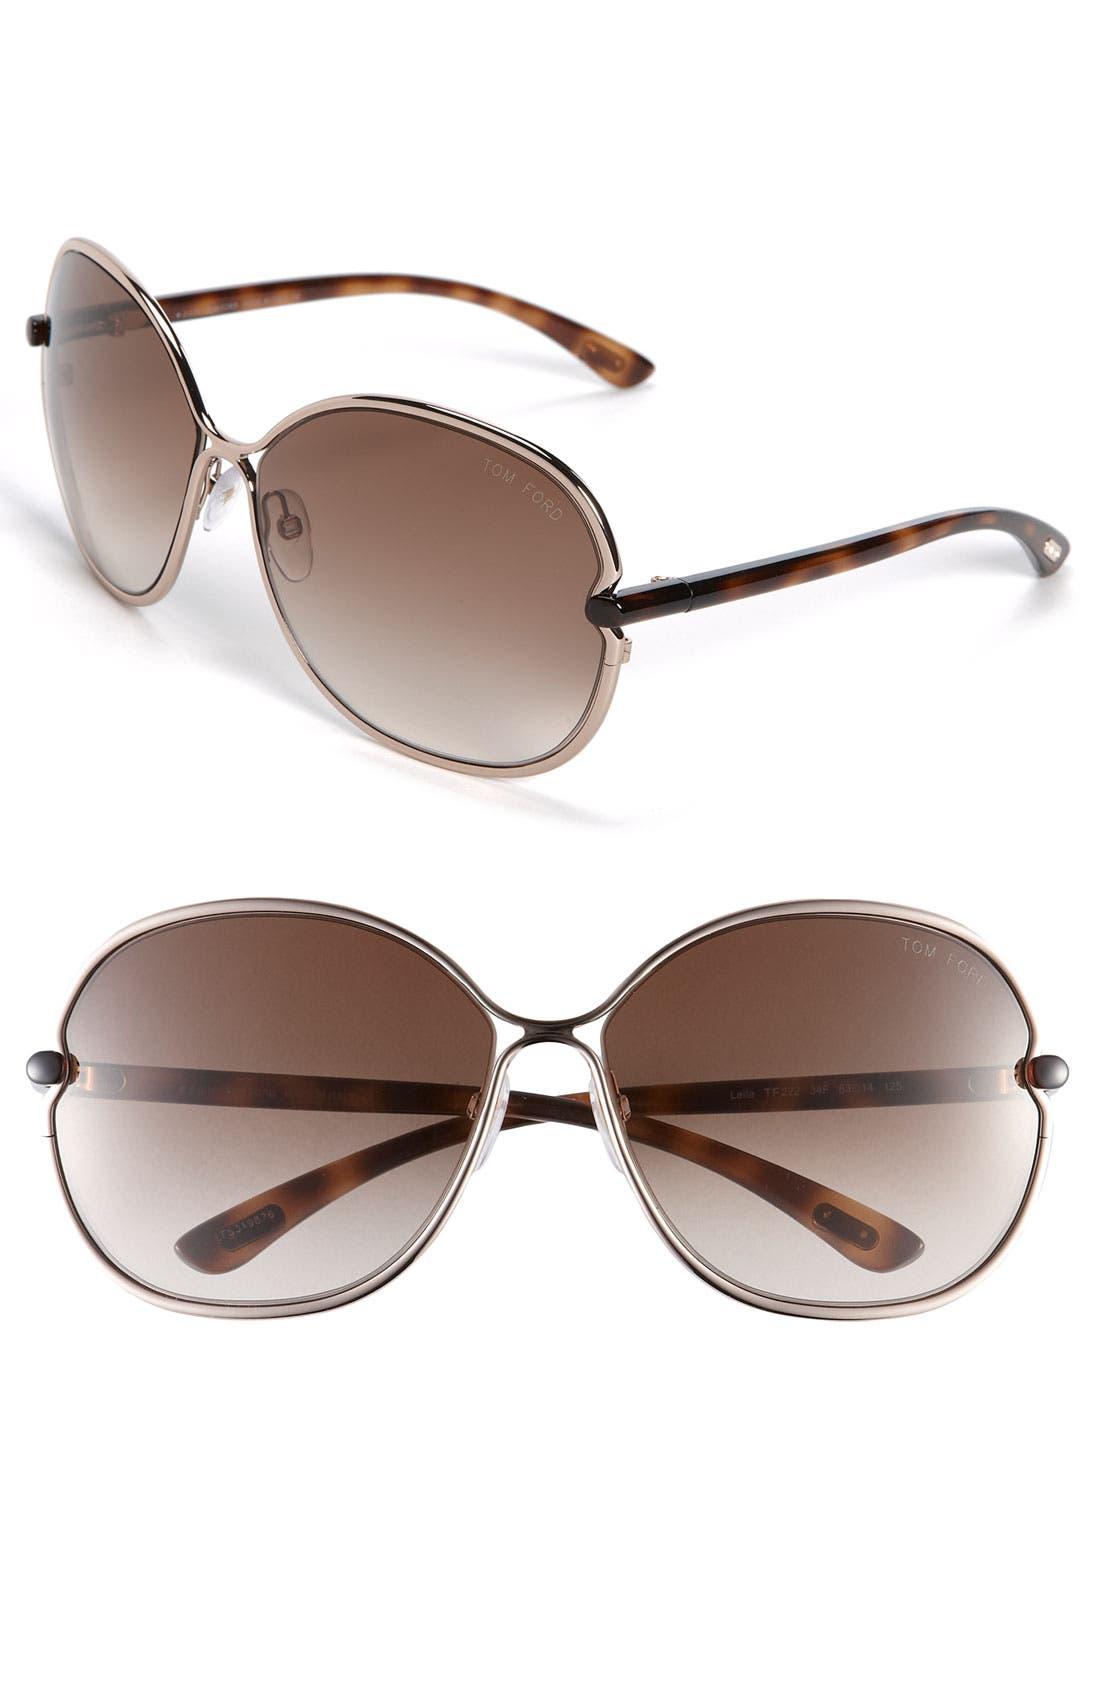 Main Image - Tom Ford 'Leila' Sunglasses